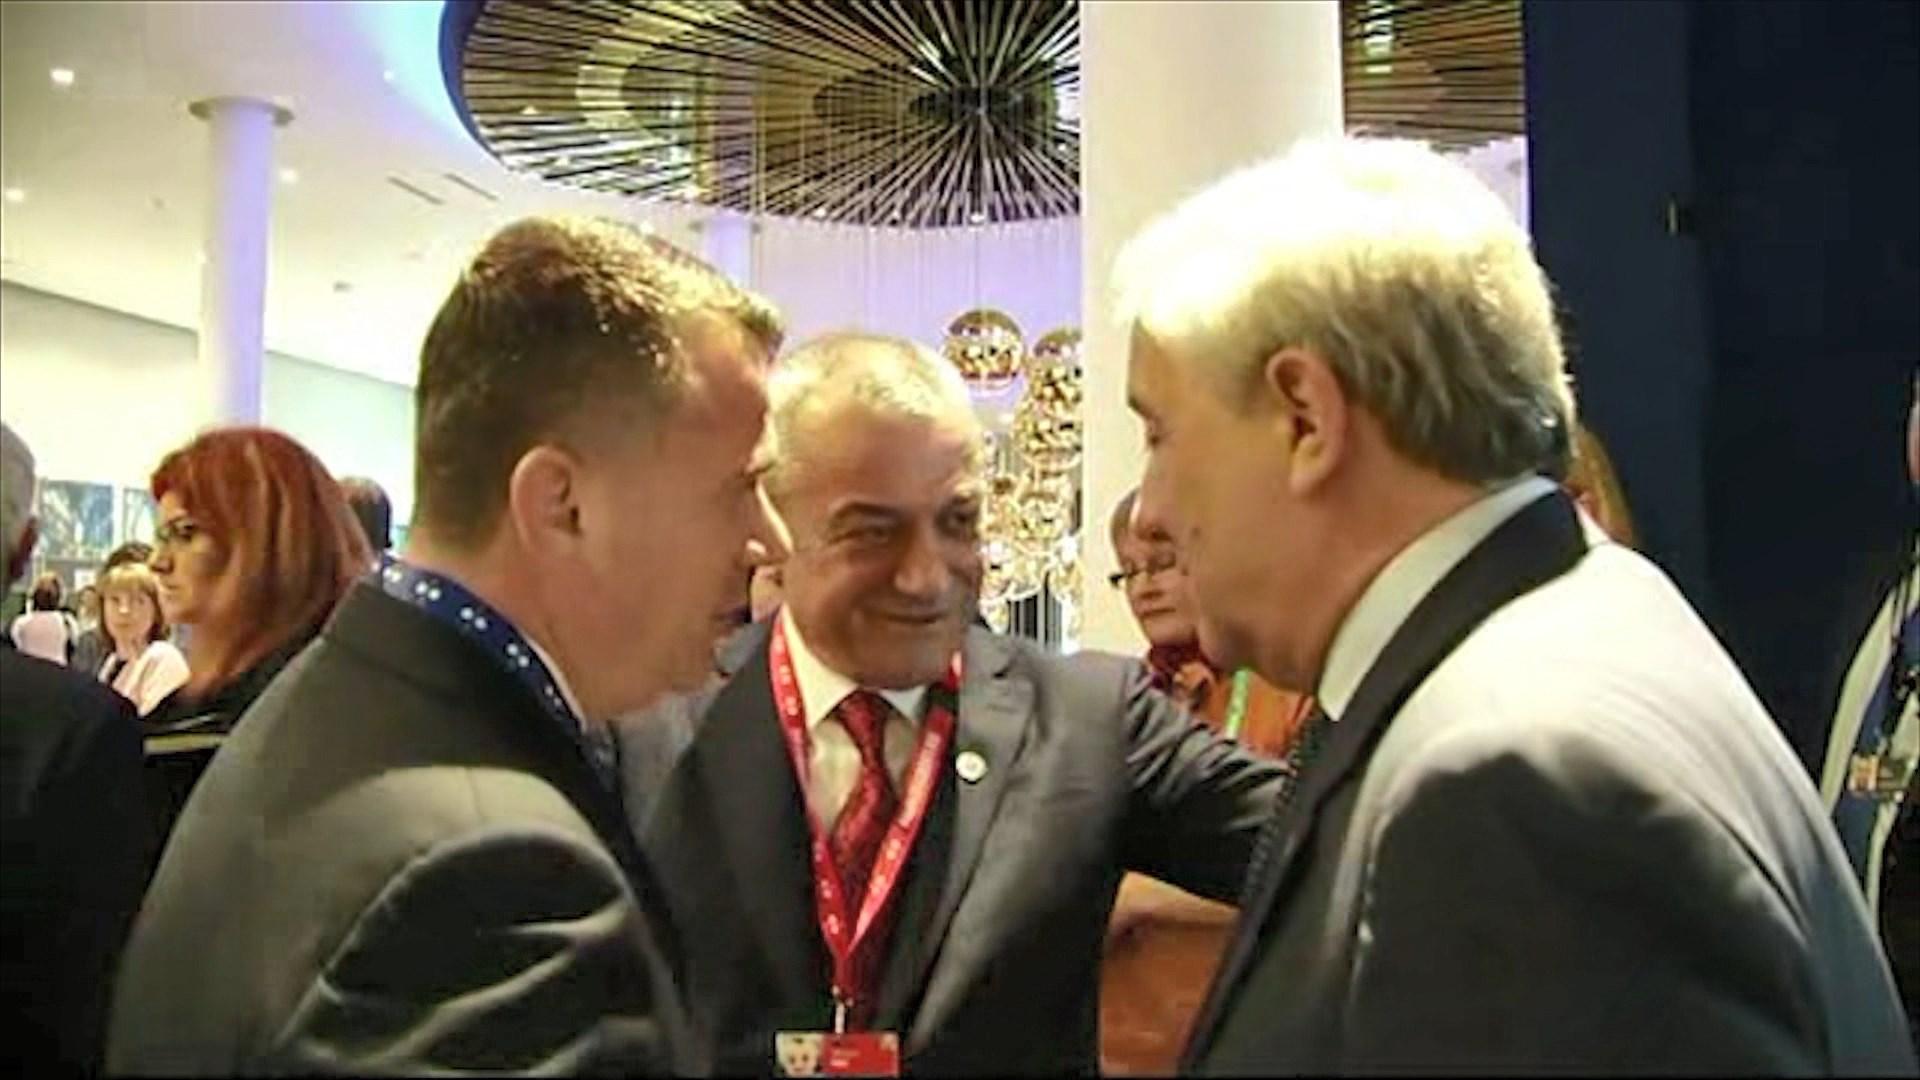 Presidenti i PE, Tajani: Mbështes hapjen e negociatave për Shqipërinë